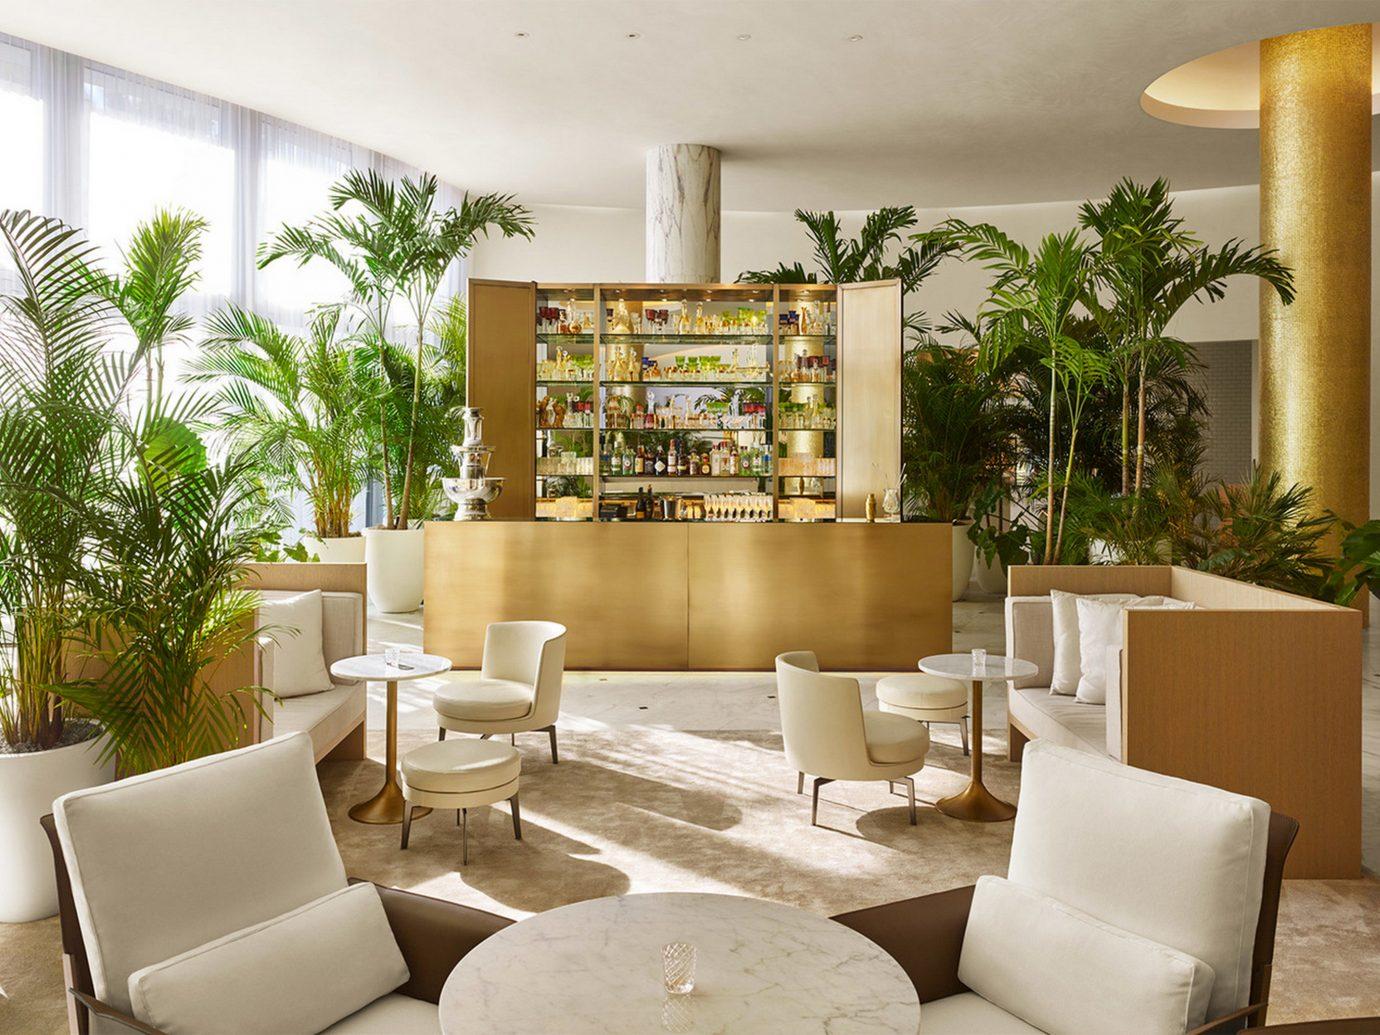 Bar at the Miami EDITION